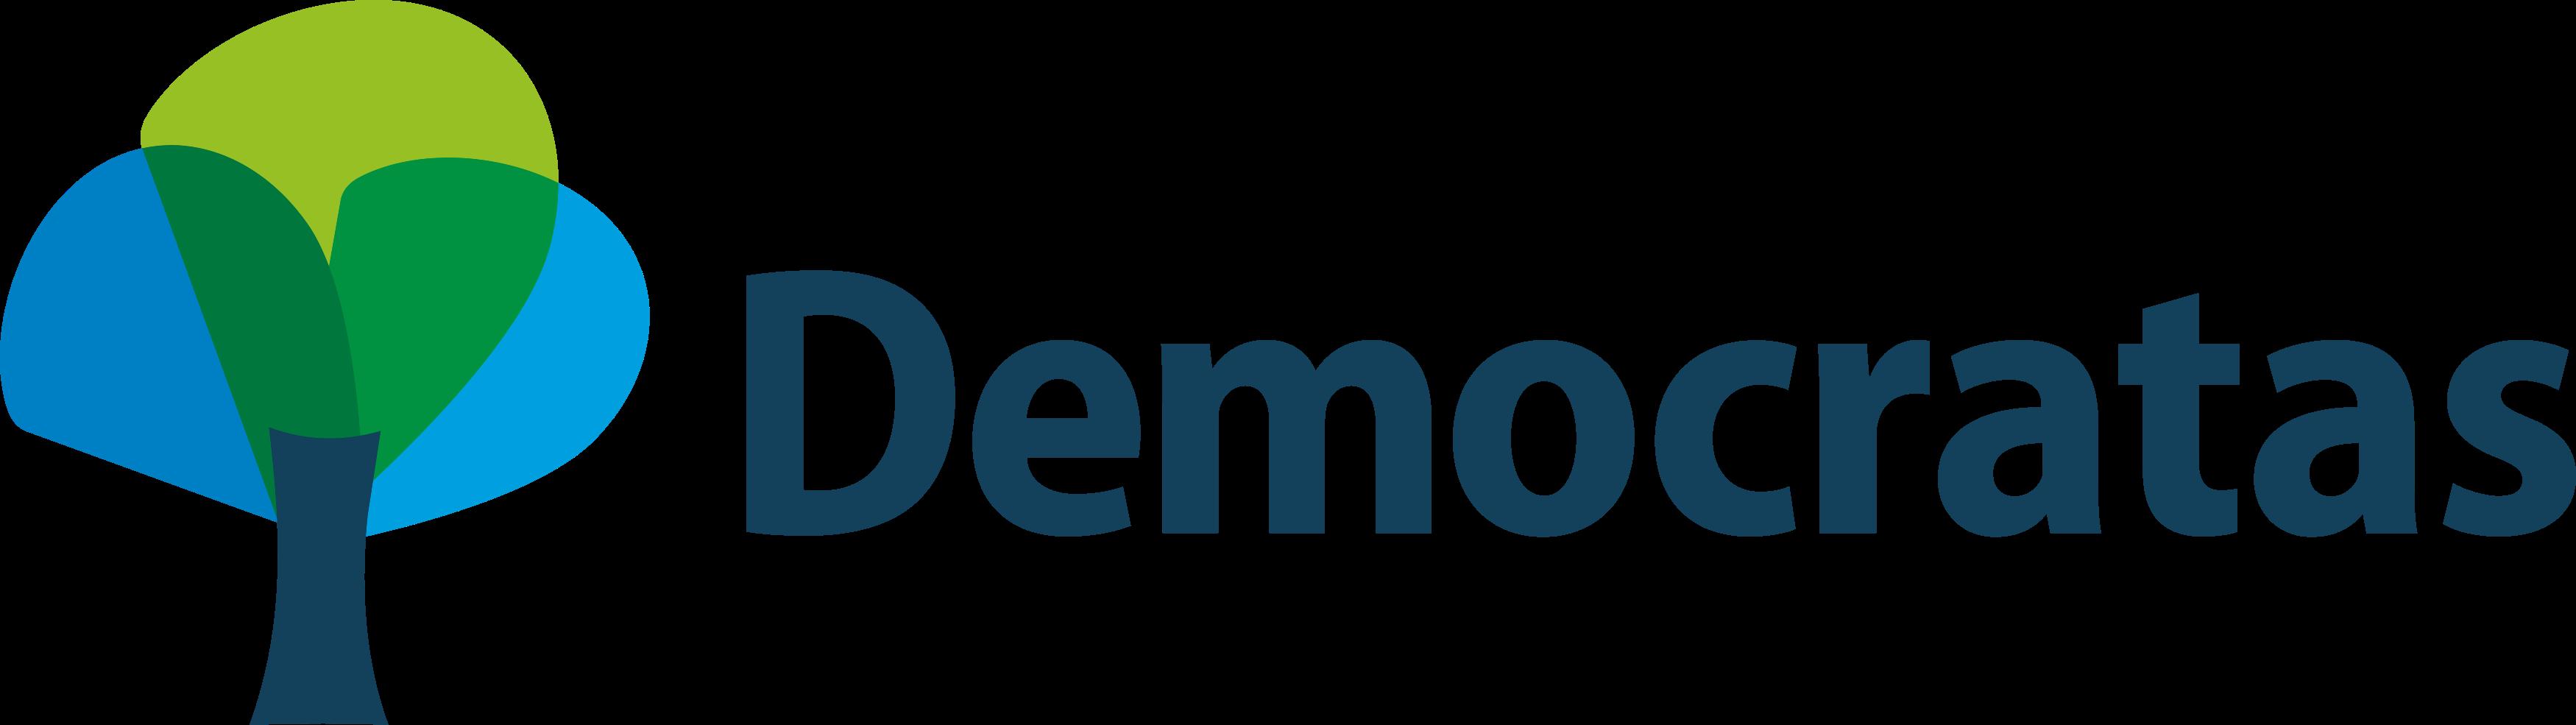 partido democratas dem logo 1 - DEM Logo - Partido Democratas Logo